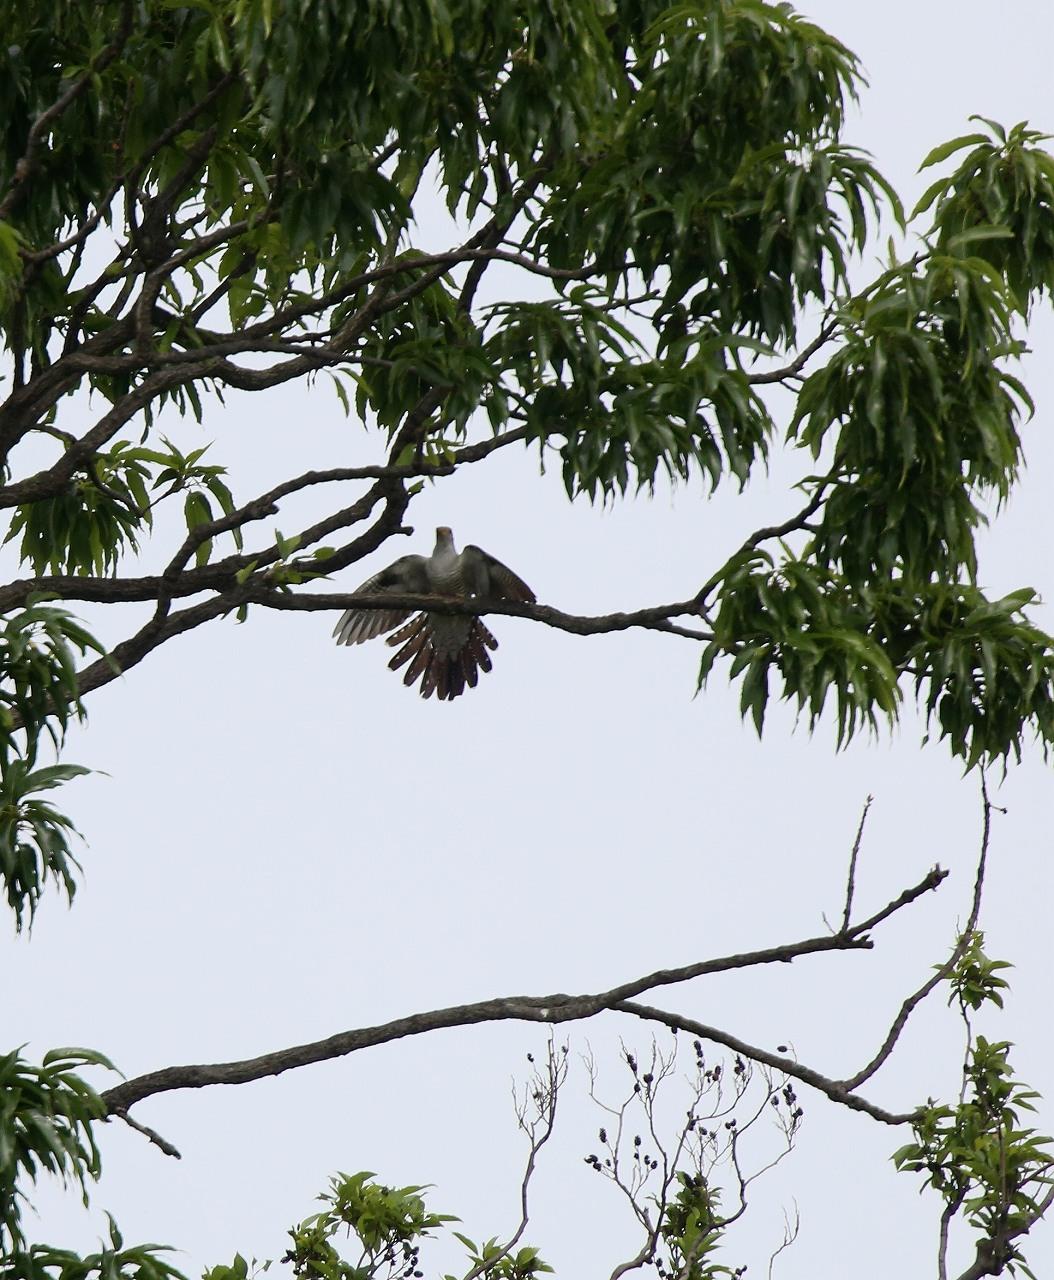 カッコウの飛びつき_f0296999_16132552.jpg